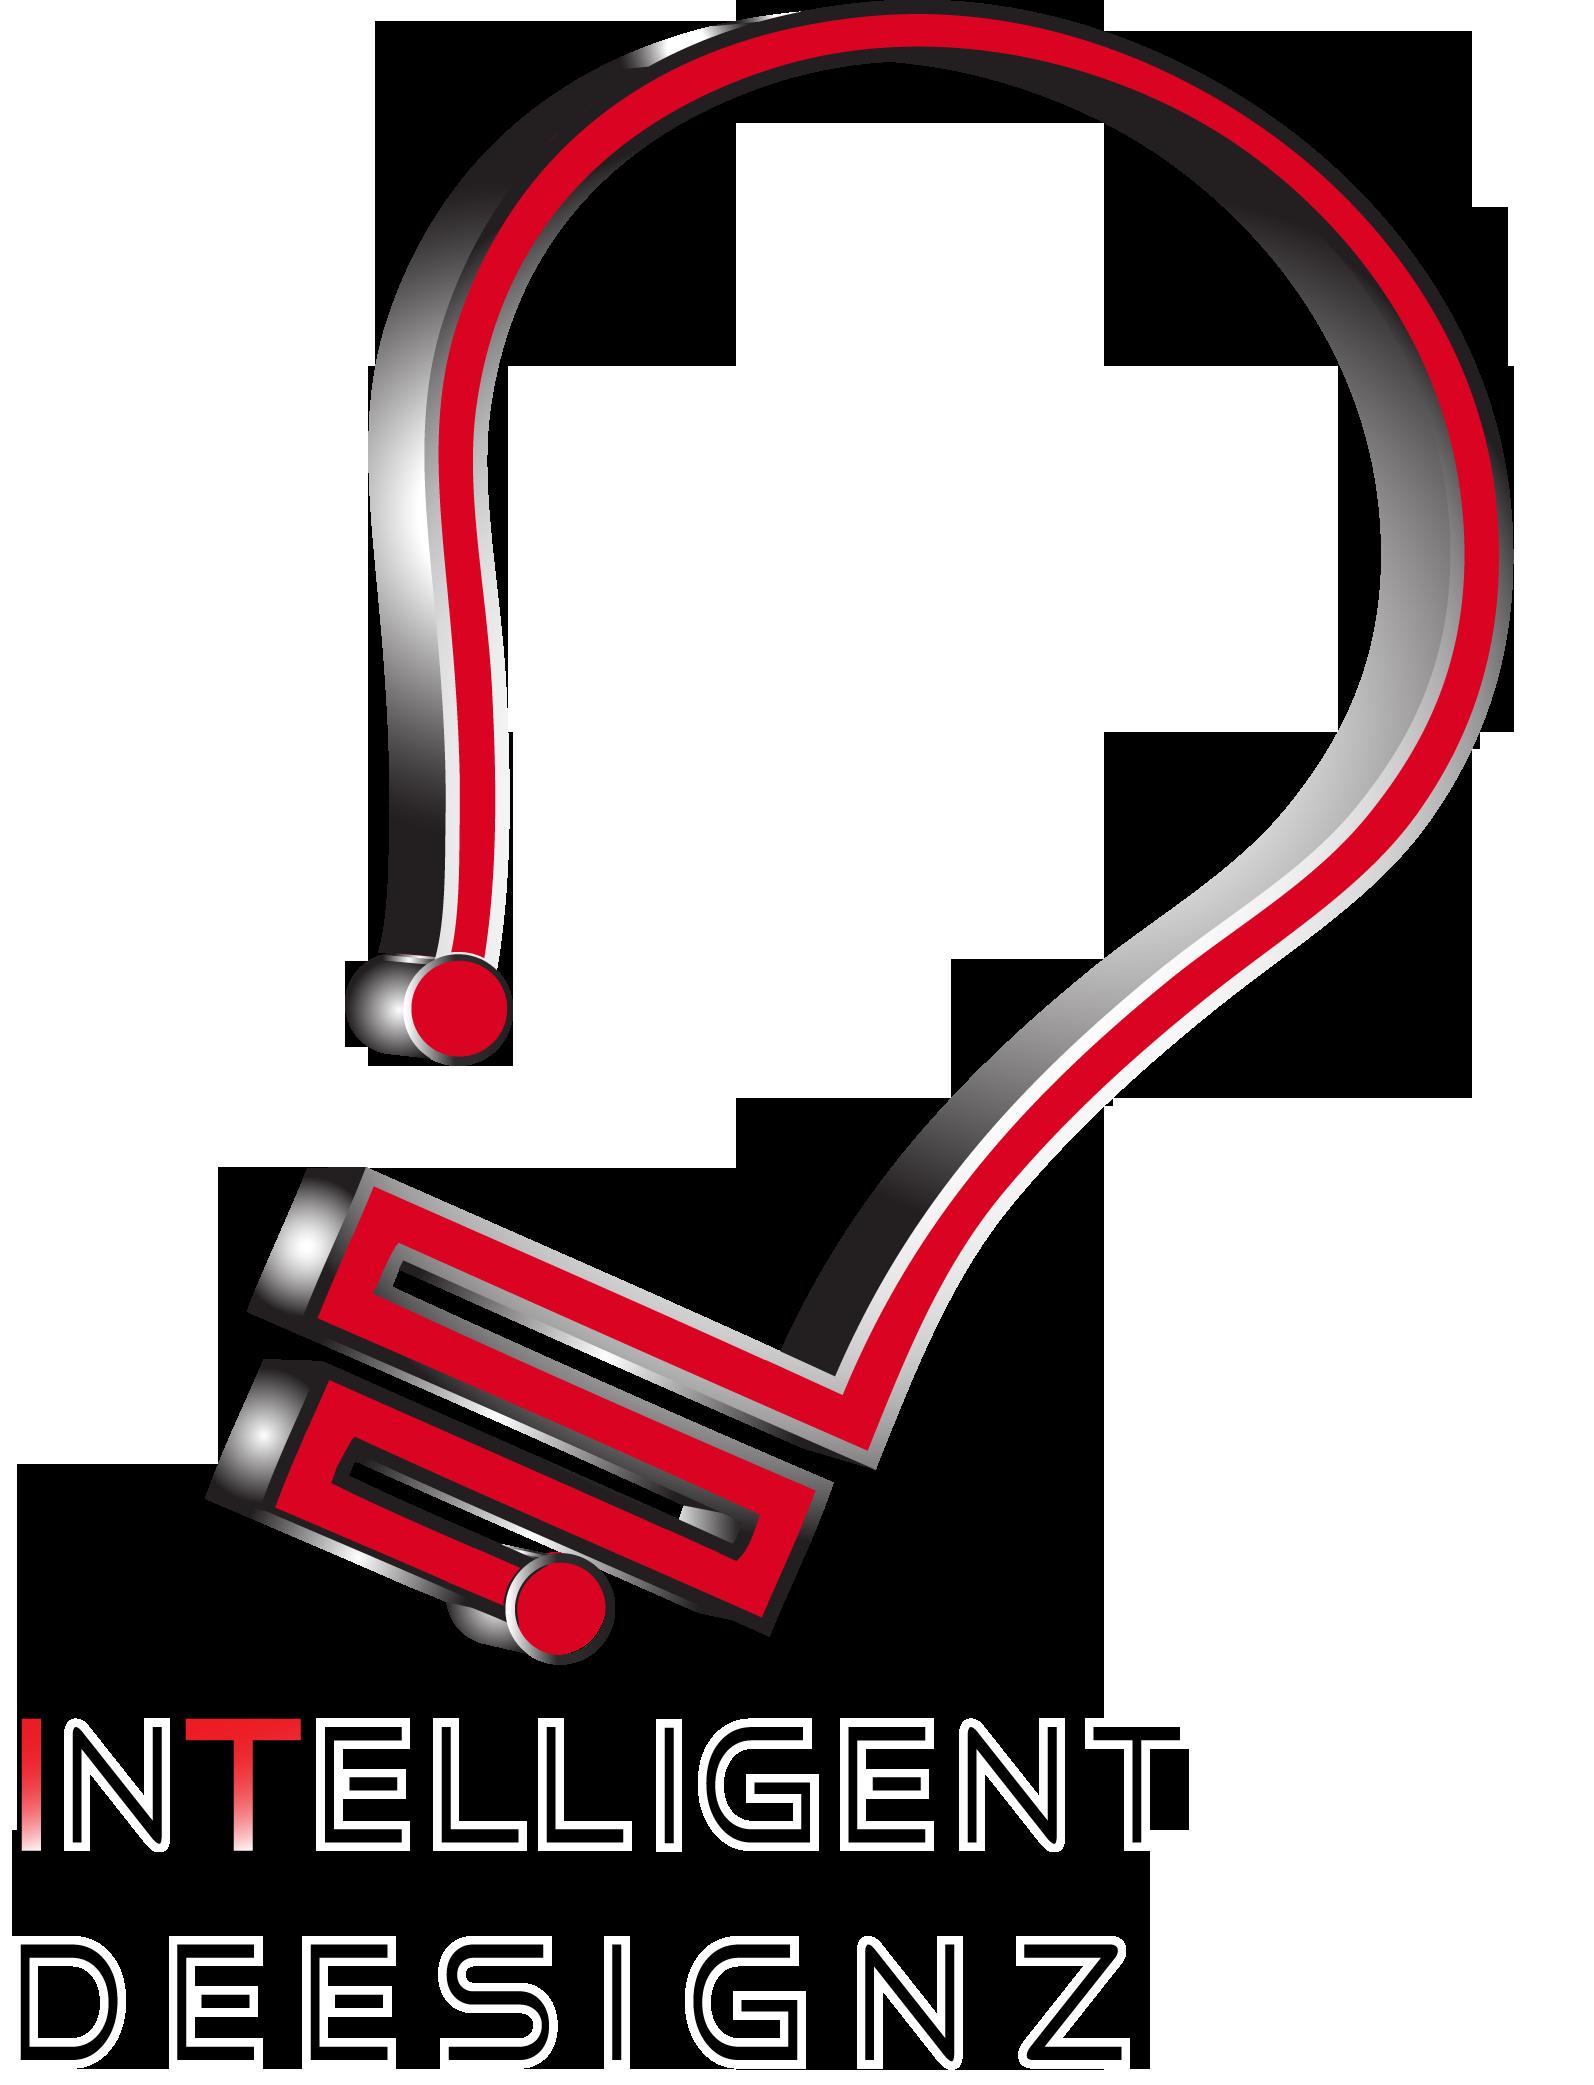 Intelligent DeeSignz